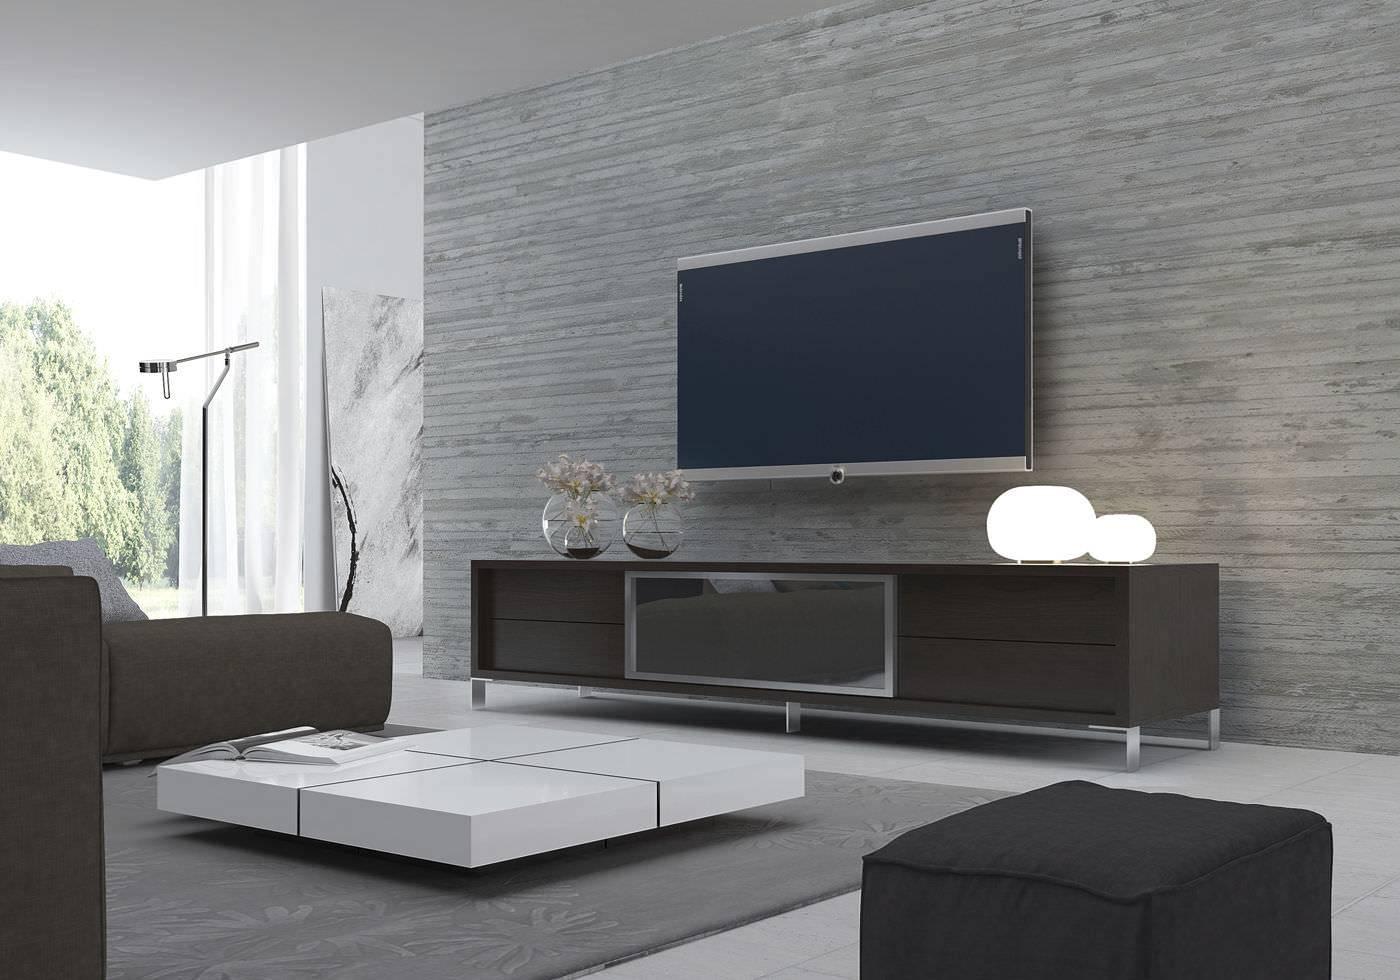 Contemporary Tv Cabinet / Wooden - Lexington - Modloft pertaining to Contemporary Tv Cabinets (Image 11 of 15)